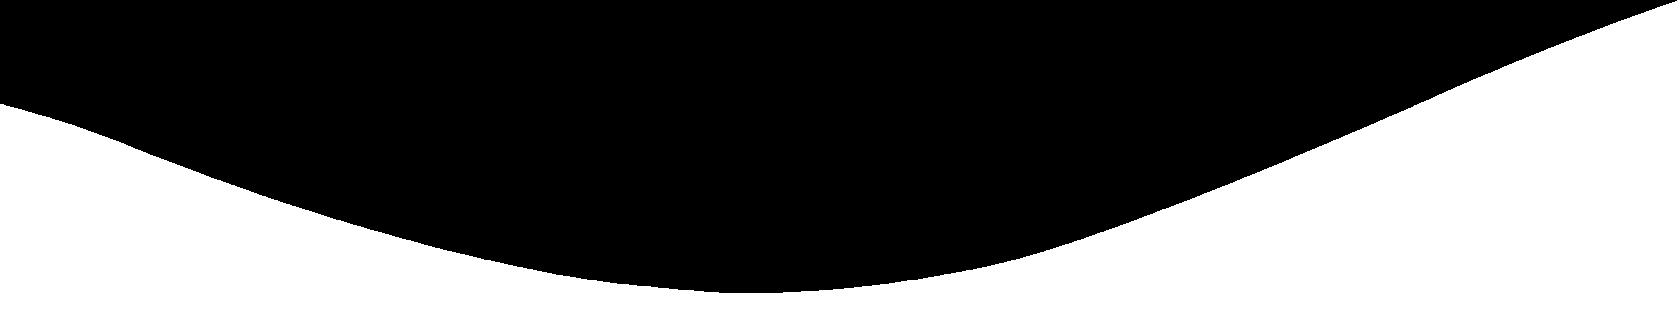 slider-curve